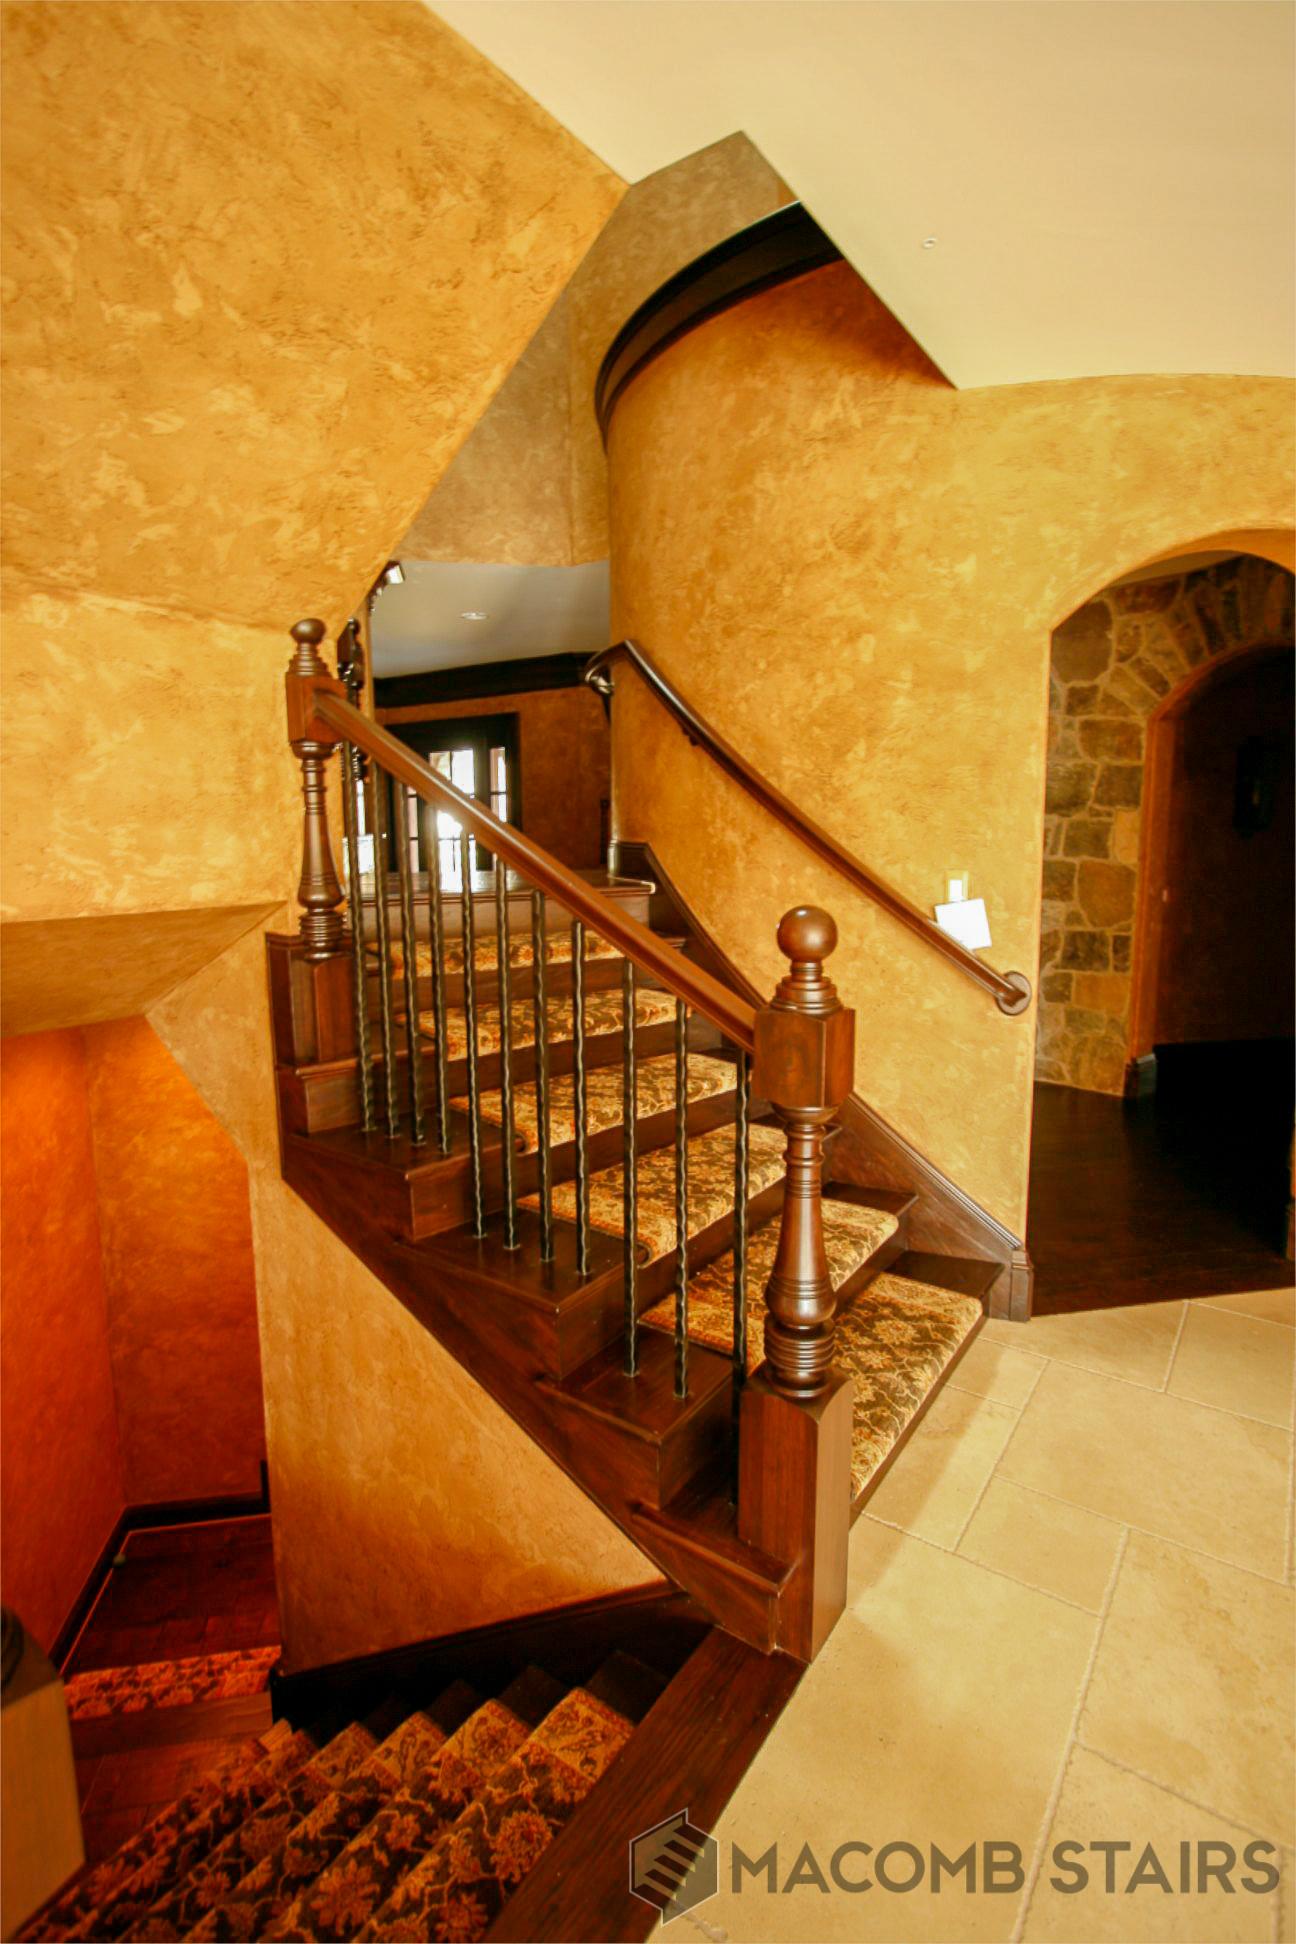 Macomb Stairs- Stair Photo-149.jpg